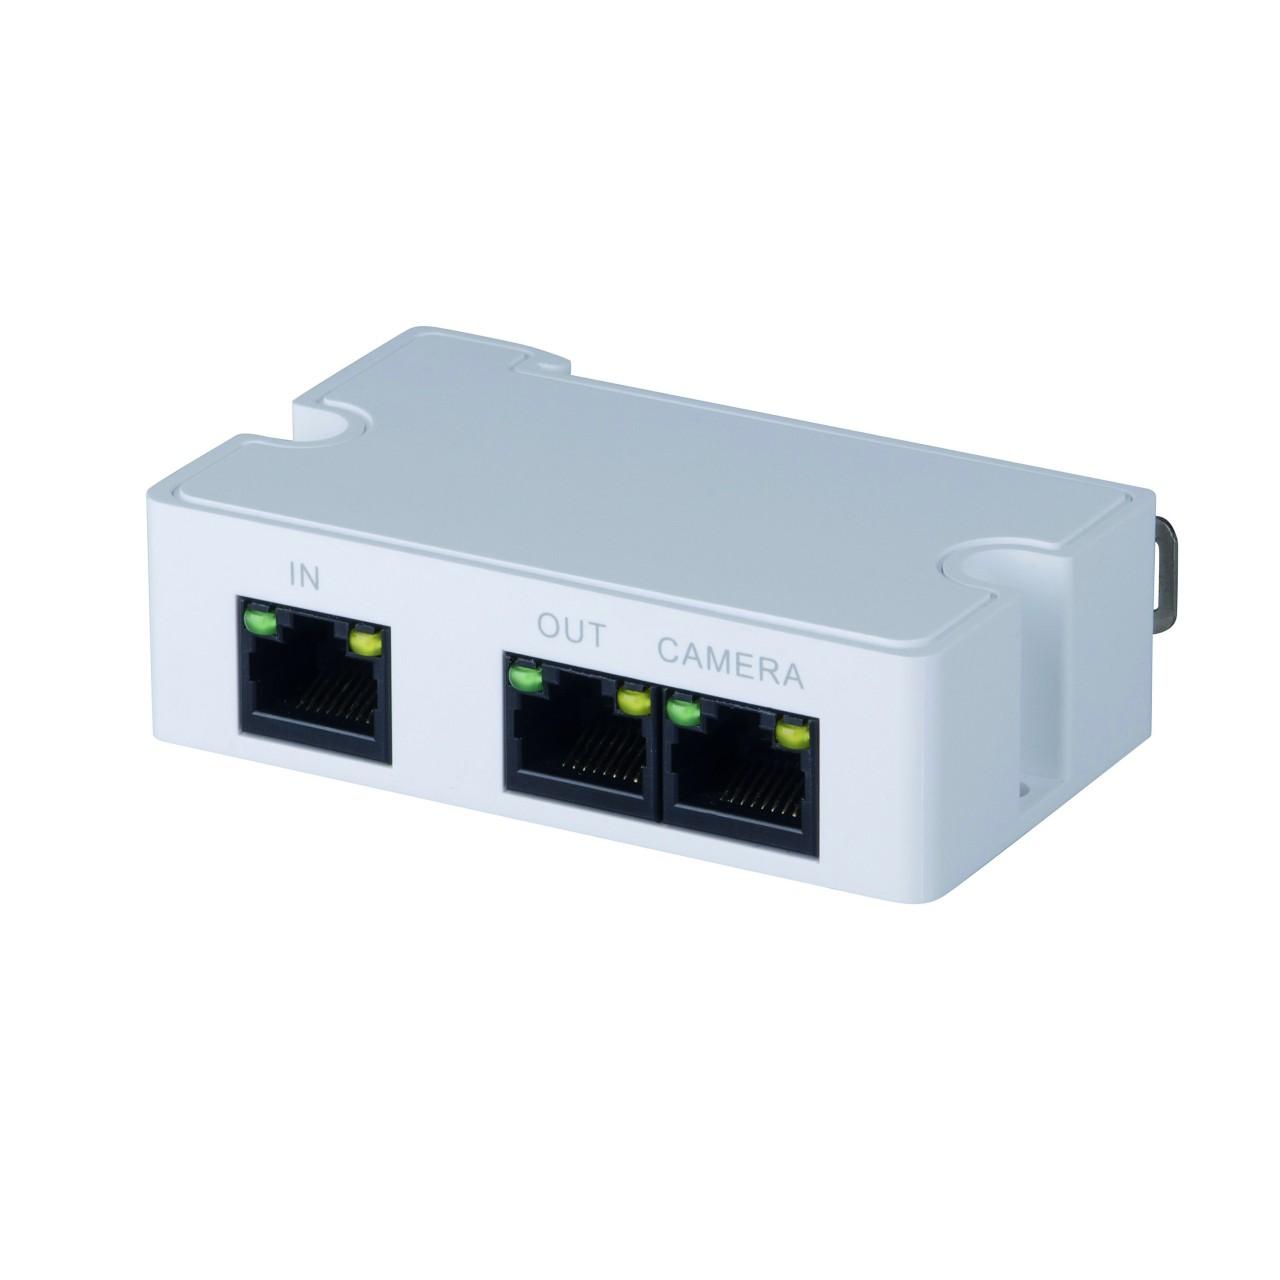 TURM PoE Verteiler für Stromversorgung von 2 IP Kameras an einer PoE Leitung